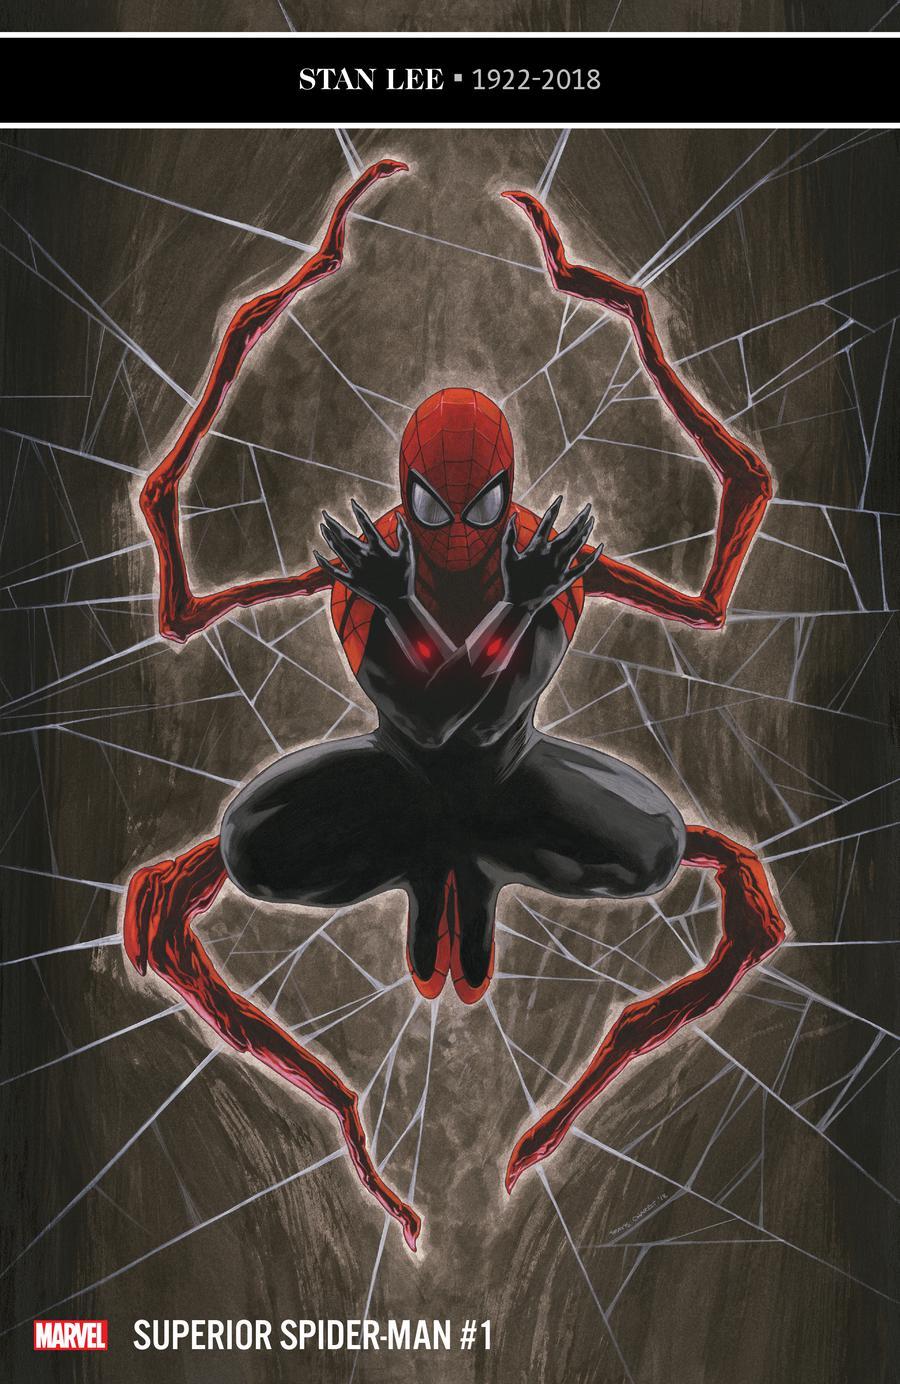 Superior Spider-Man Vol 2 #1 Cover A 1st Ptg Regular Travis Charest Cover (Spider-Geddon Tie-In)